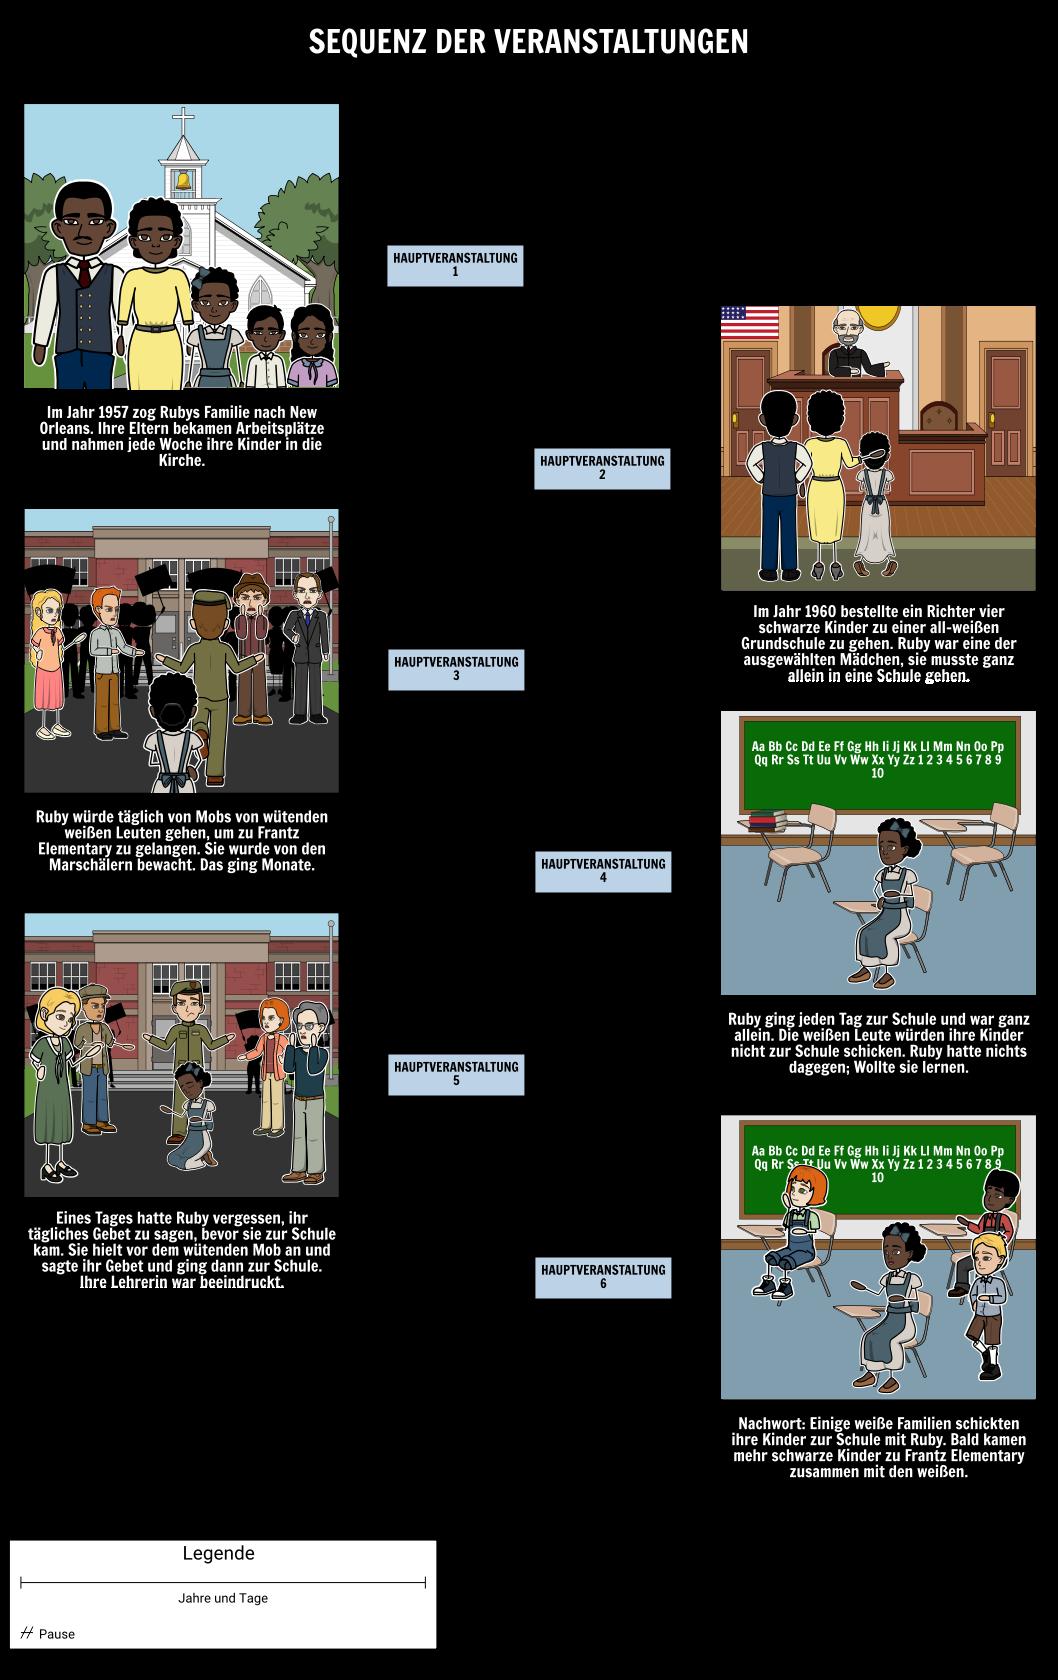 Die Geschichte der Ruby Bridges - Sequence